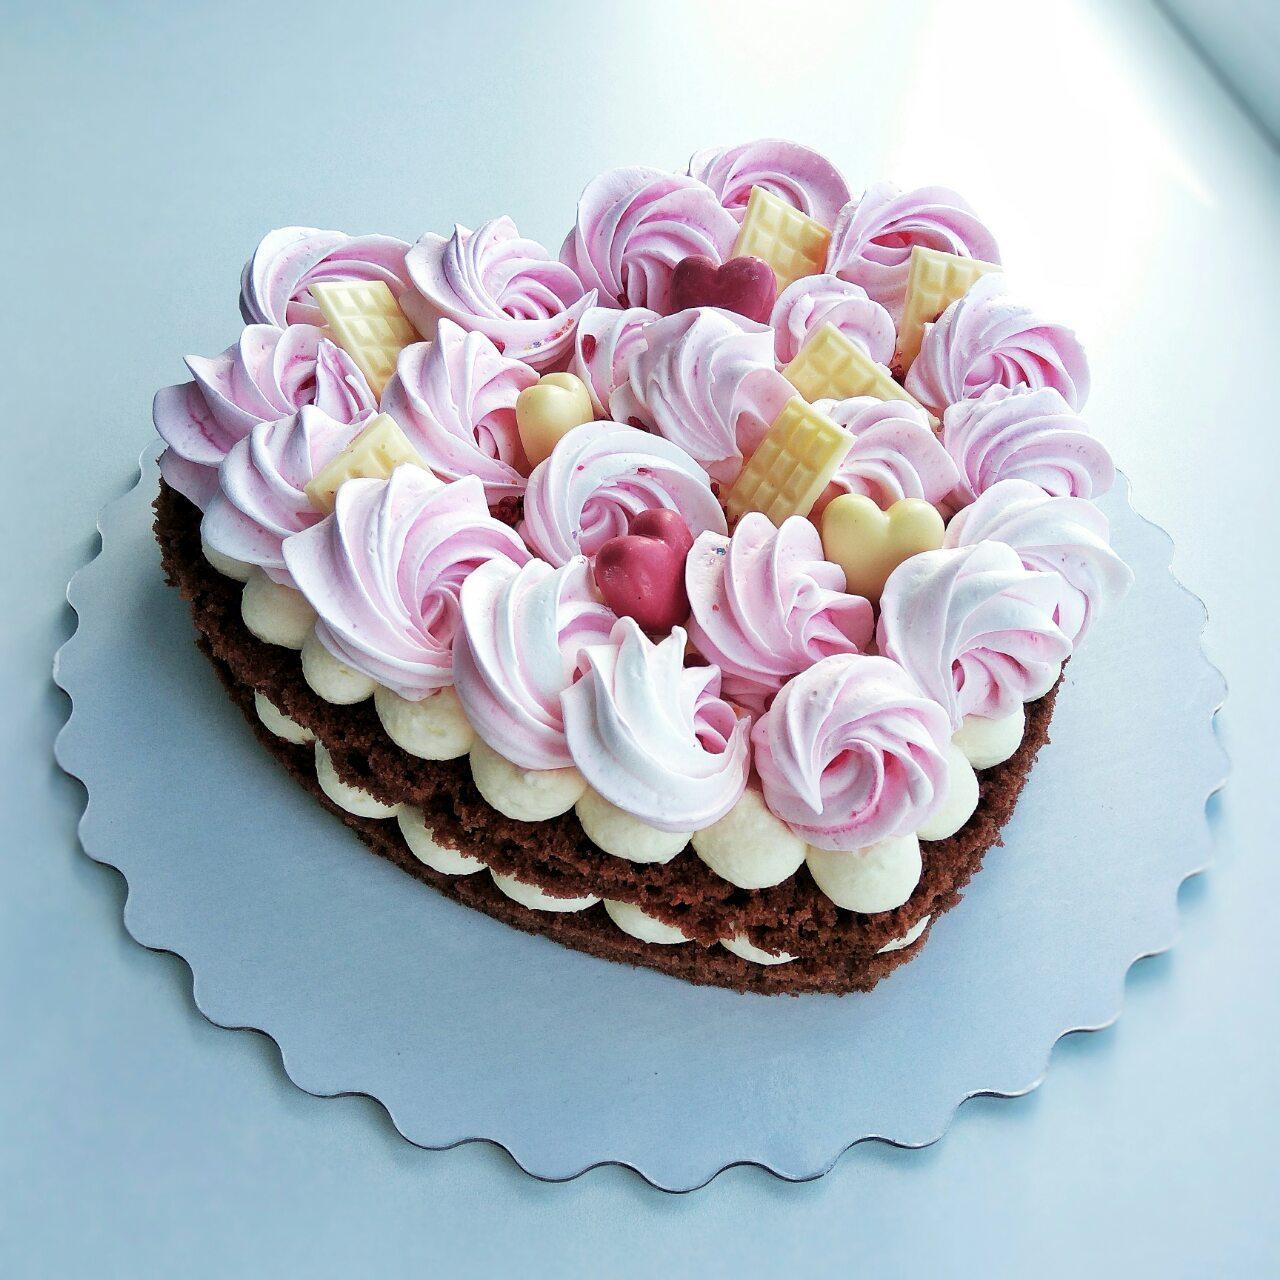 Картинки сладкая жизнь торт